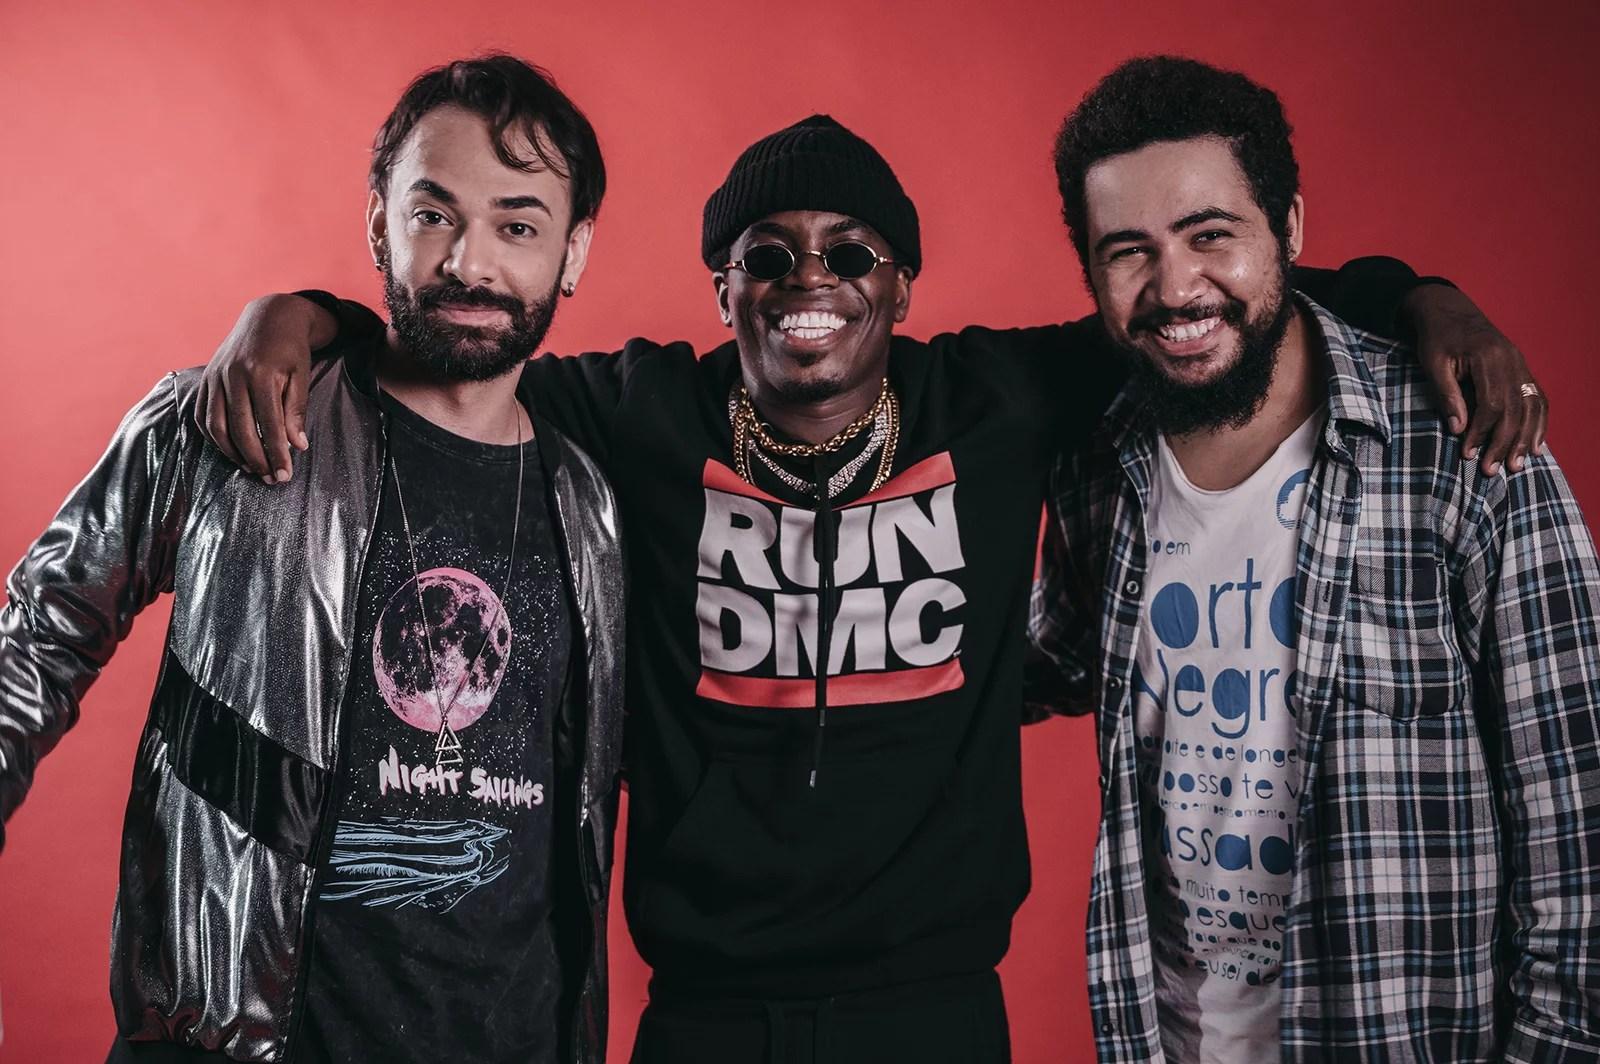 Banda Gallena lança música sobre respeito e diversidade, em parceria com o rapper Israel Paixão